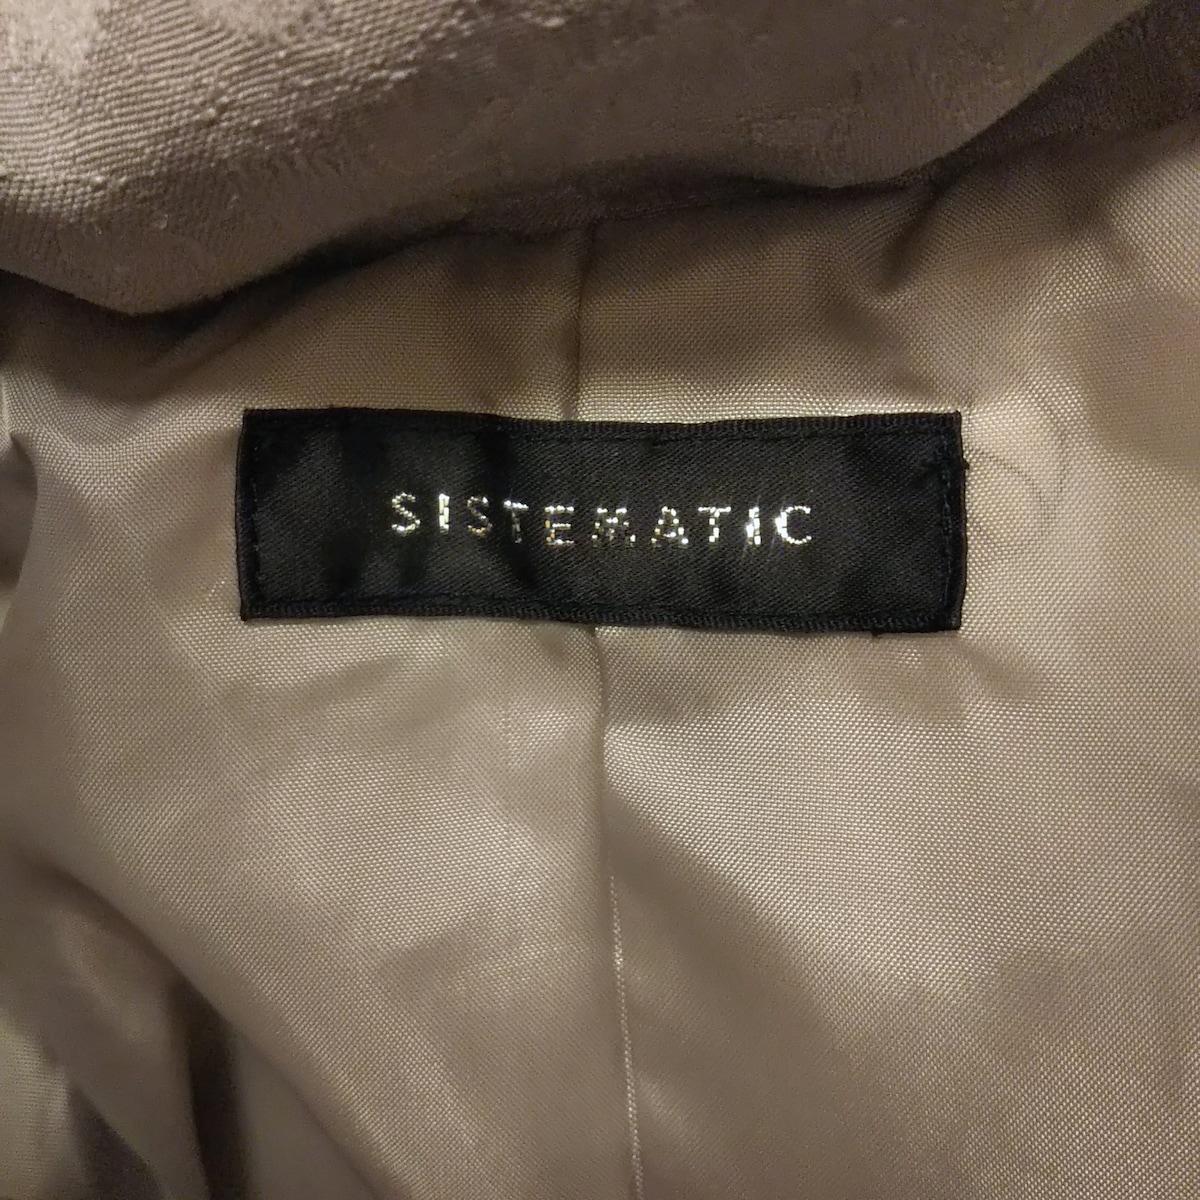 sistematic(システマティック)のダウンコート